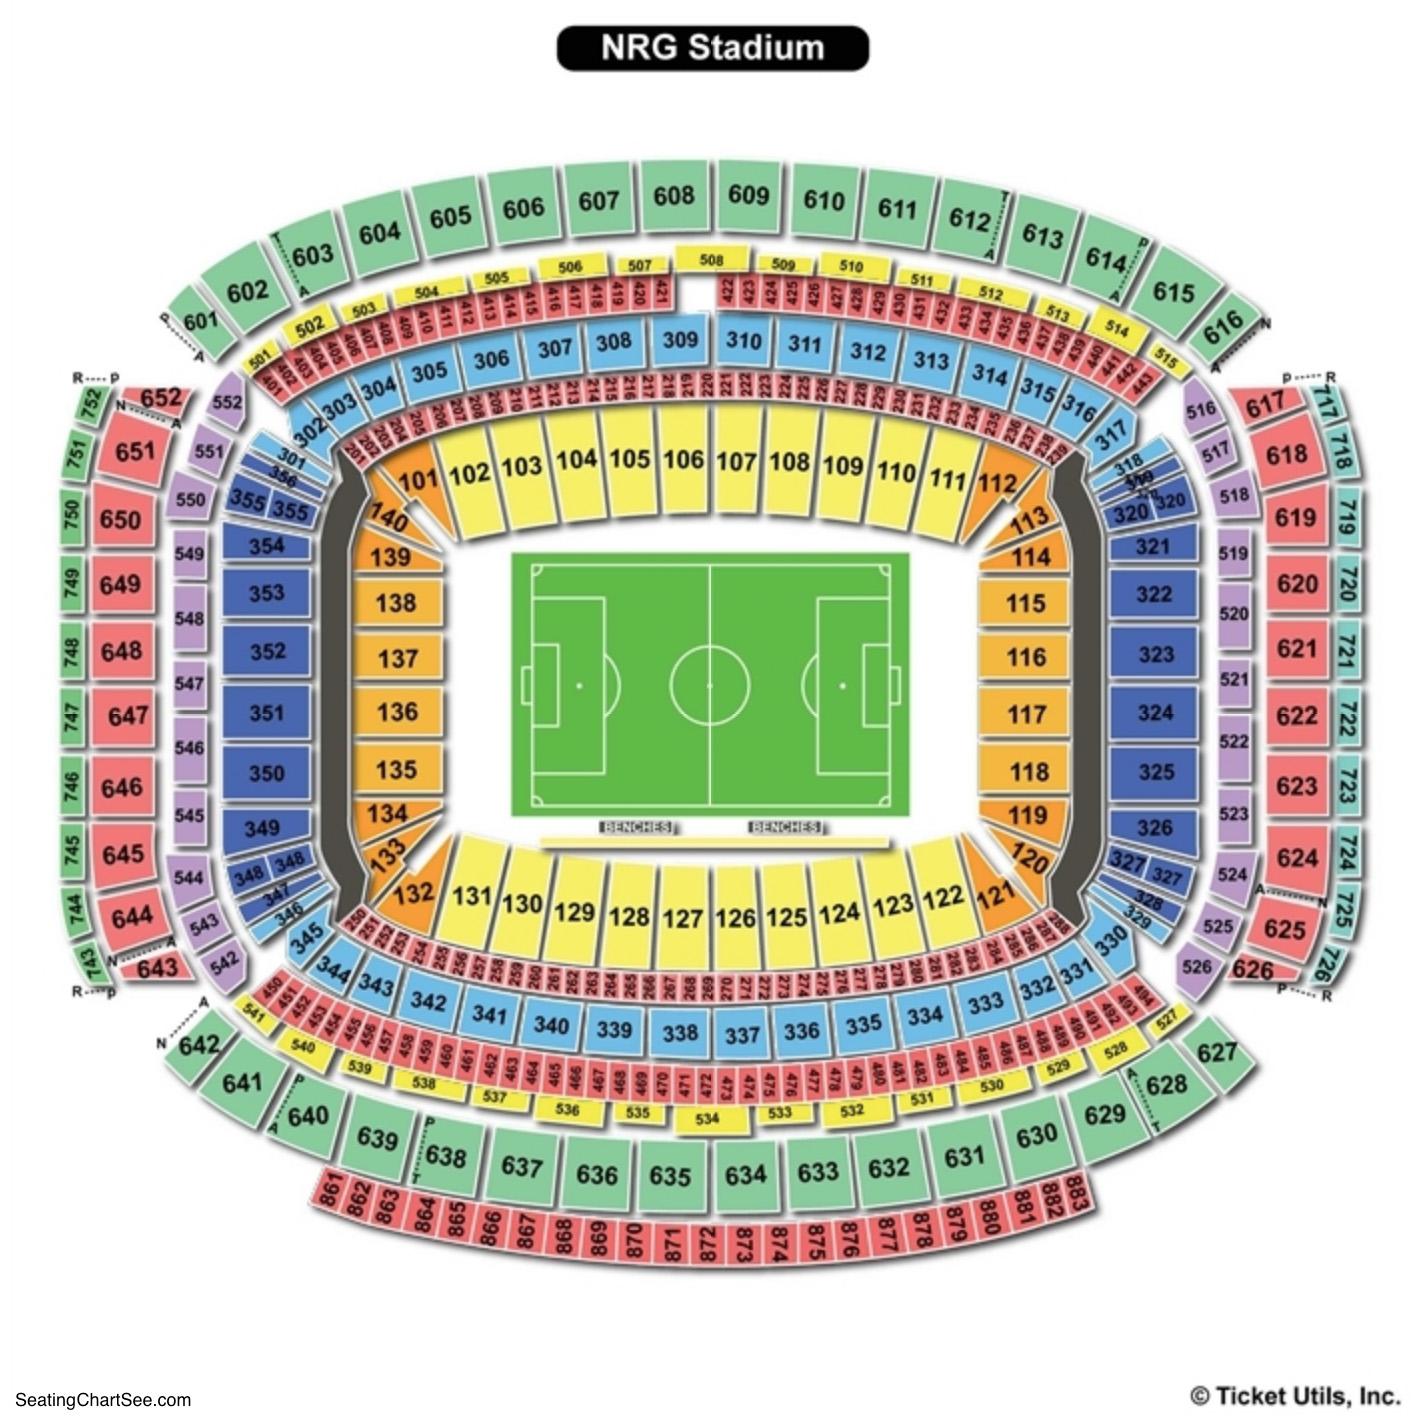 NRG Stadium Soccer Seating Chart